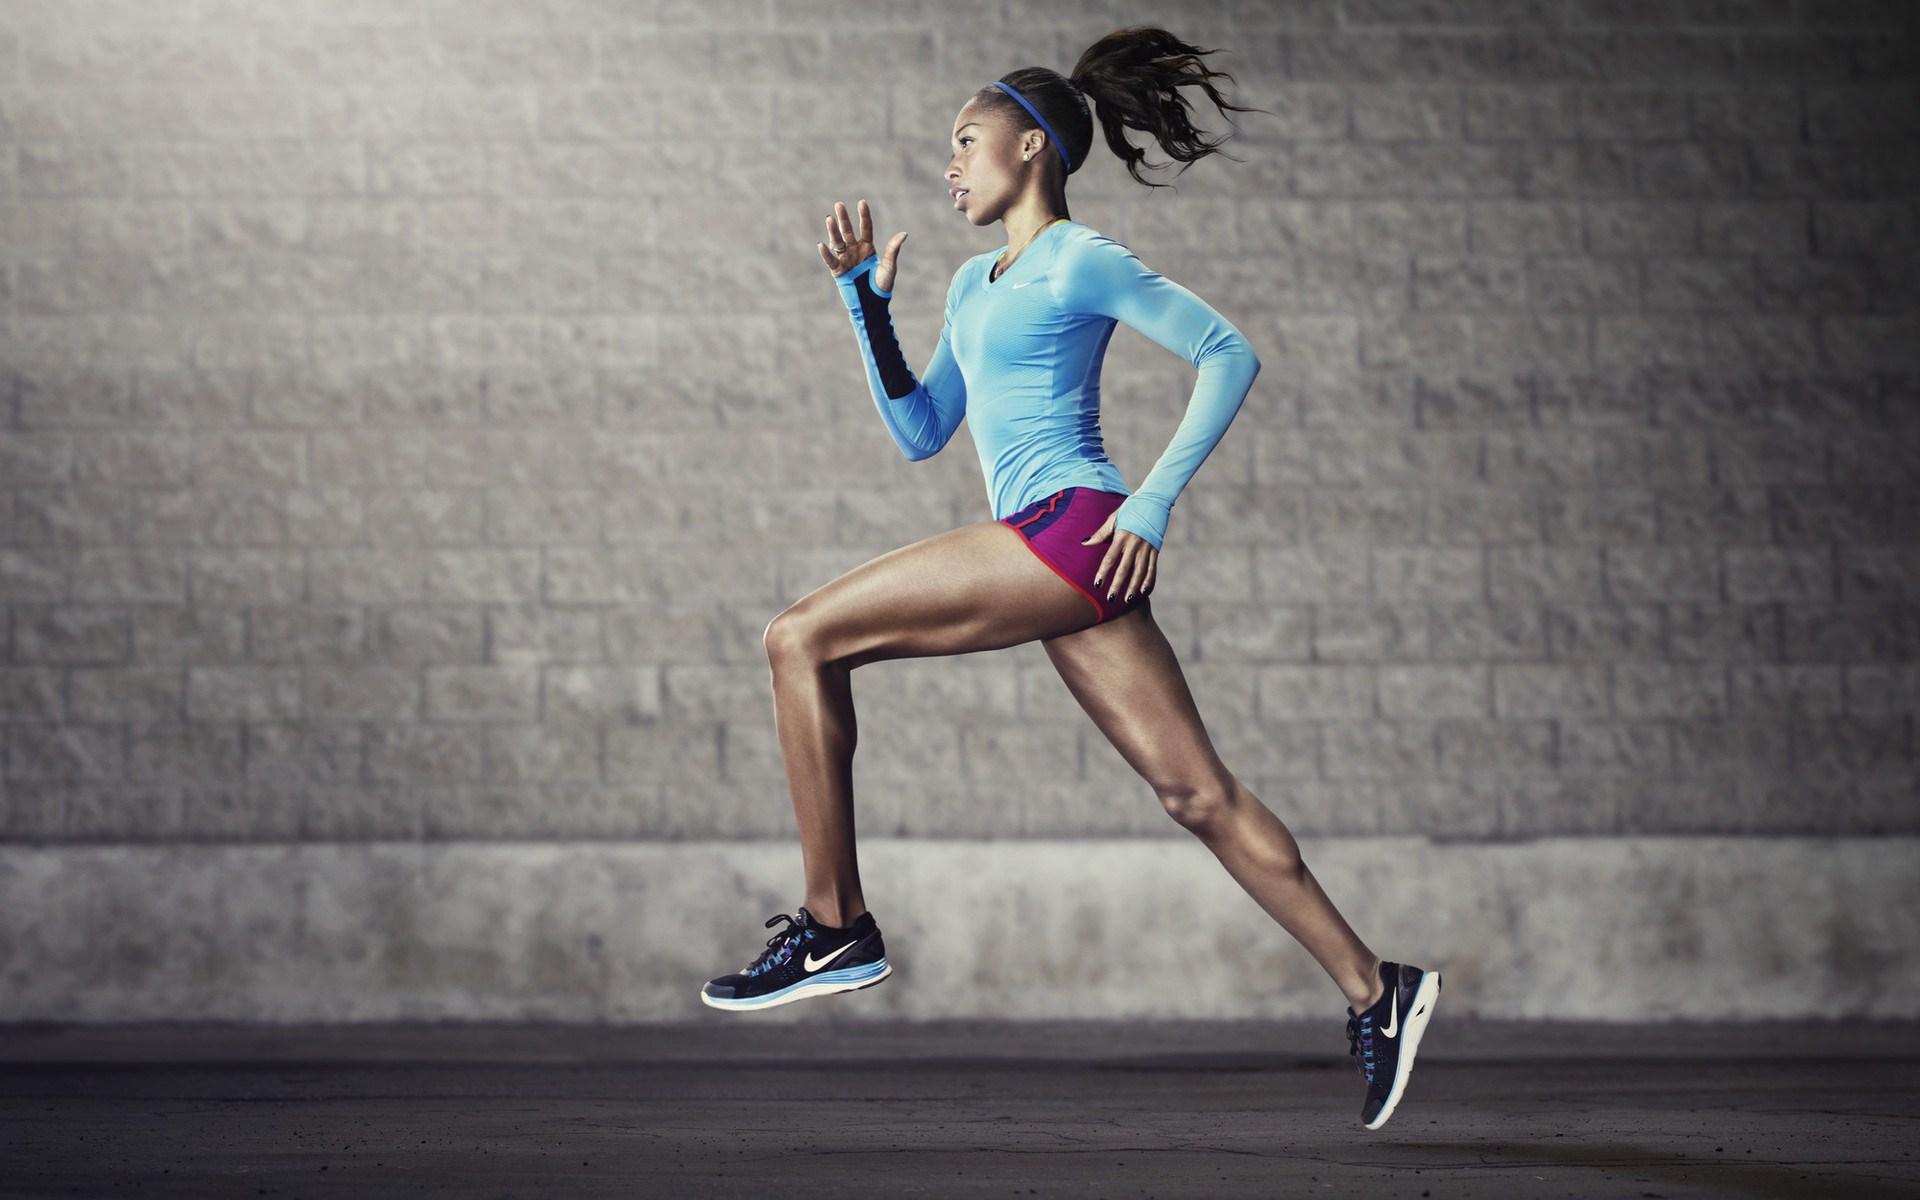 бег,когда лучше бегать,как бегать,полезен ли бег,утренняя пробежка,утренняя зарядка